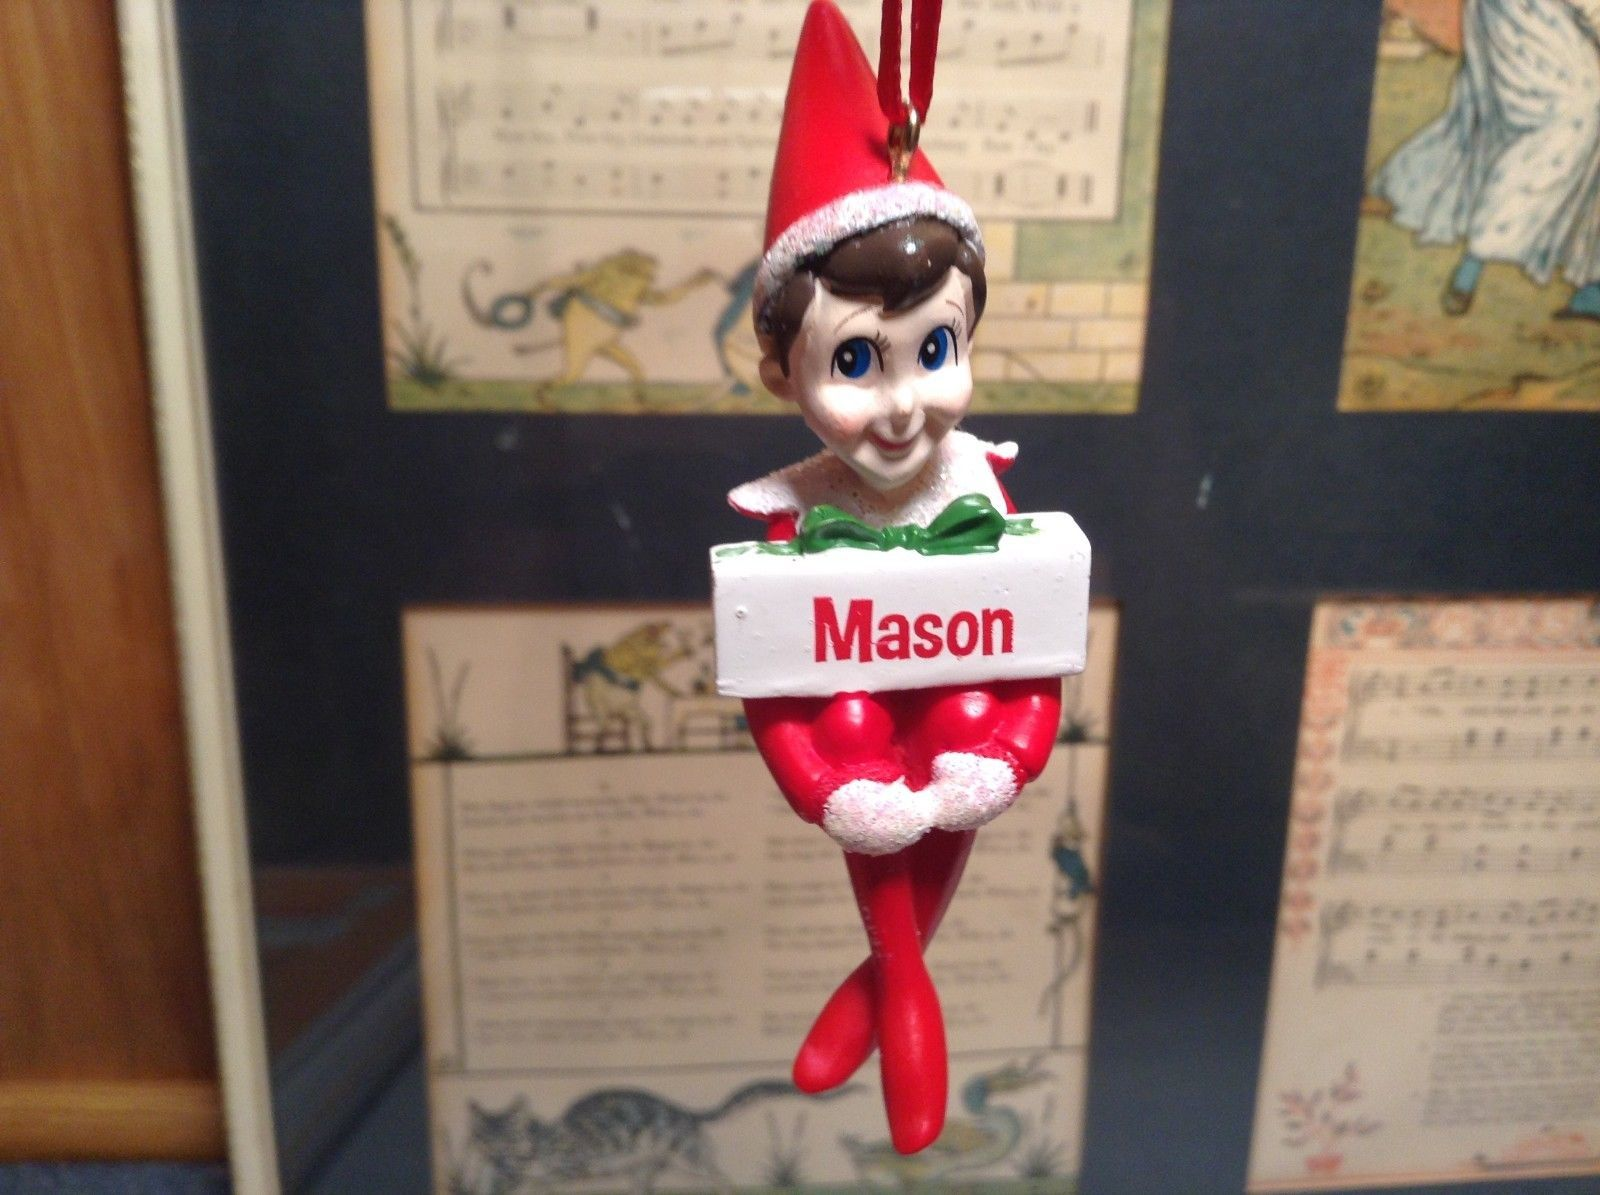 Dept 56 - Elf on the Shelf - Mason  banner Christmas Ornament